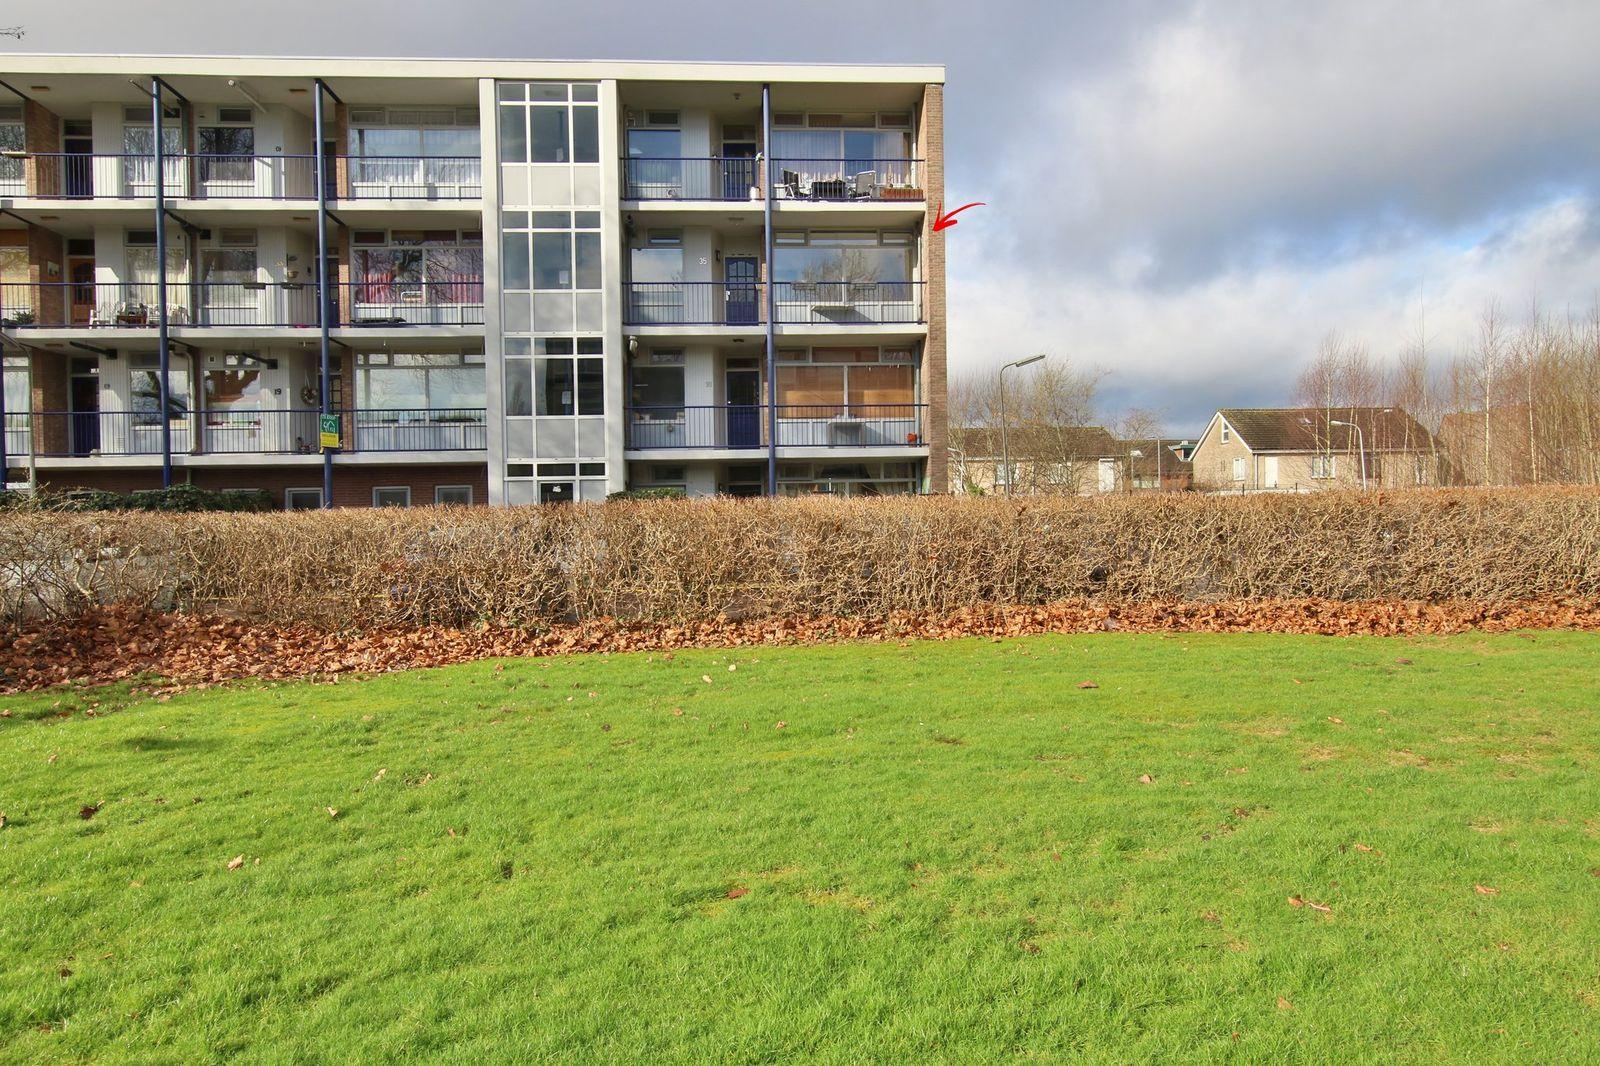 Calkoenstraat 35, Hoogeveen